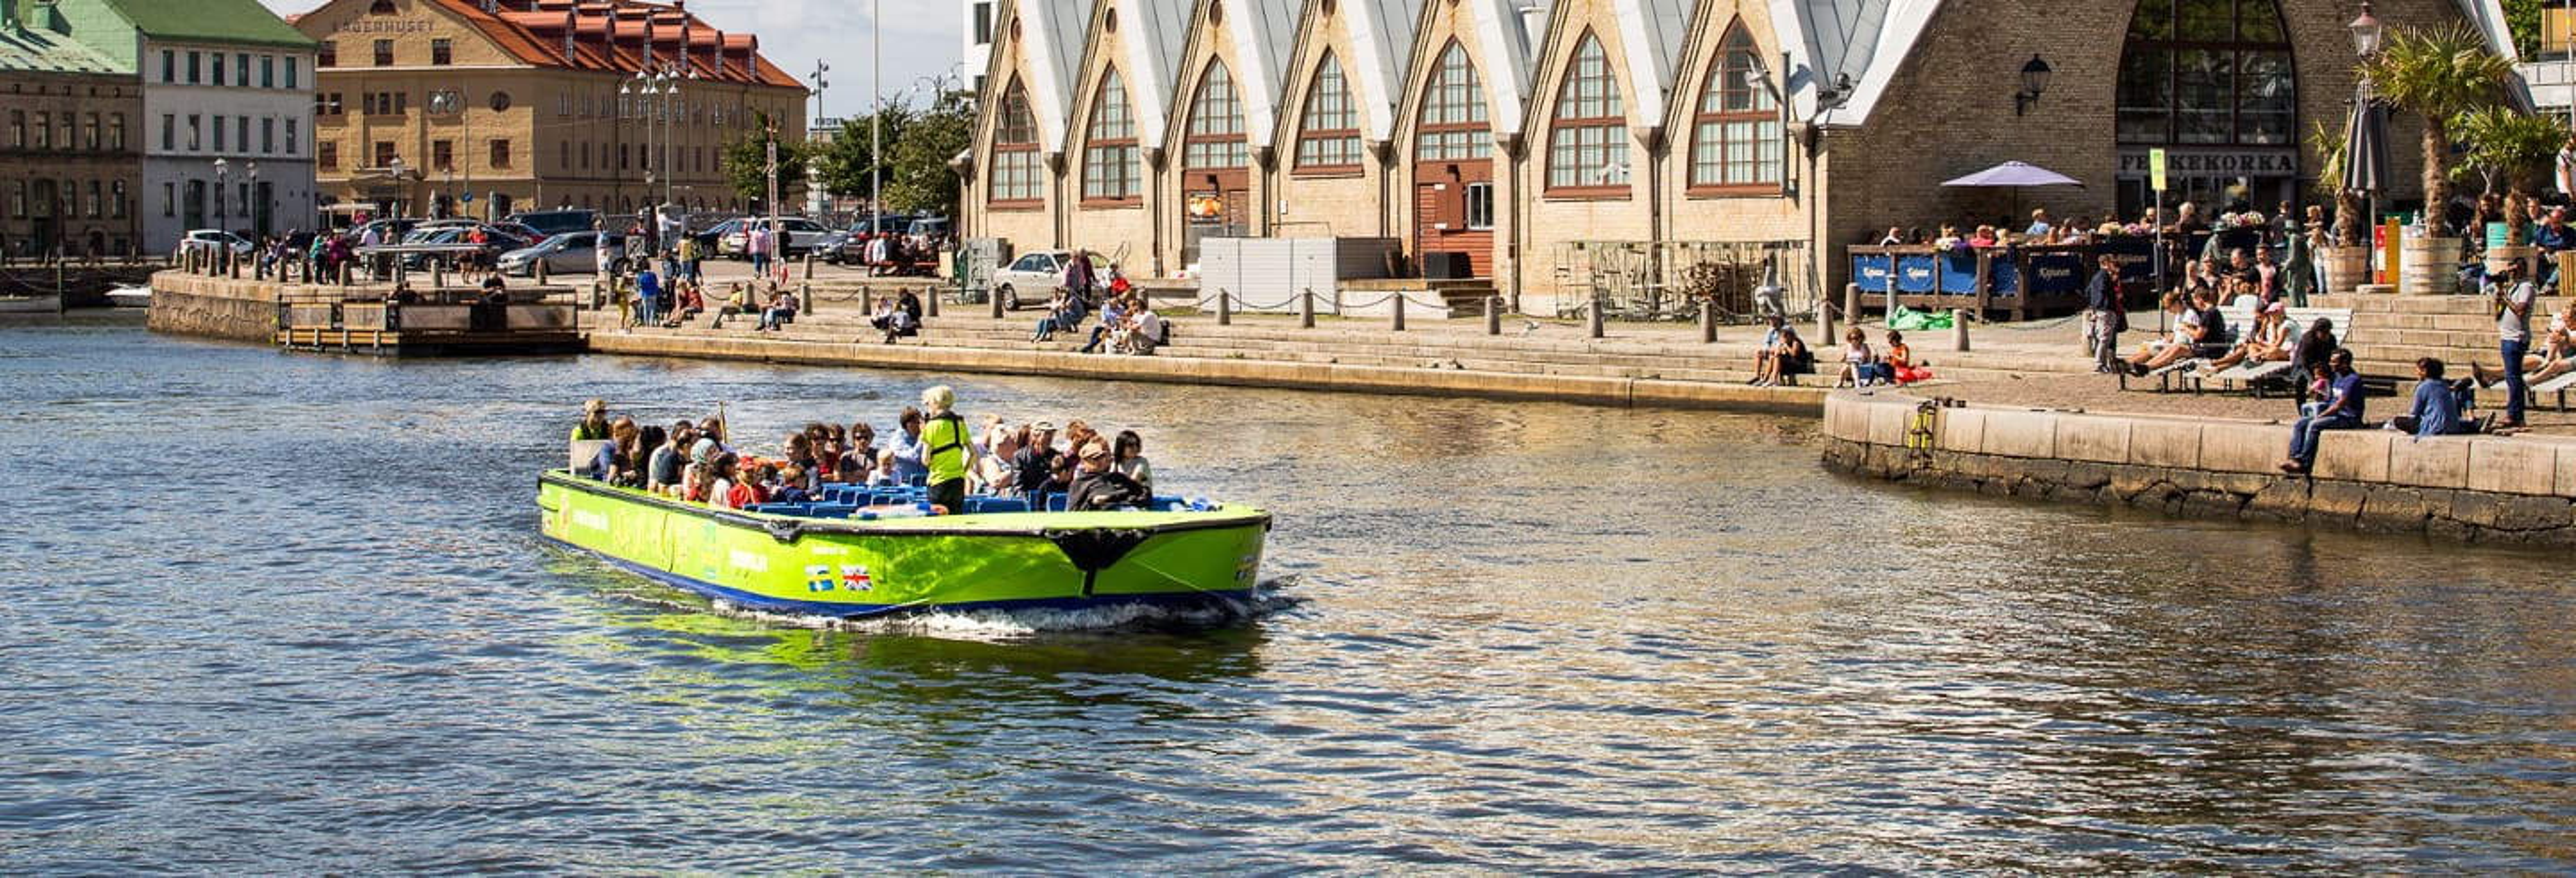 Barco turístico de Gotemburgo